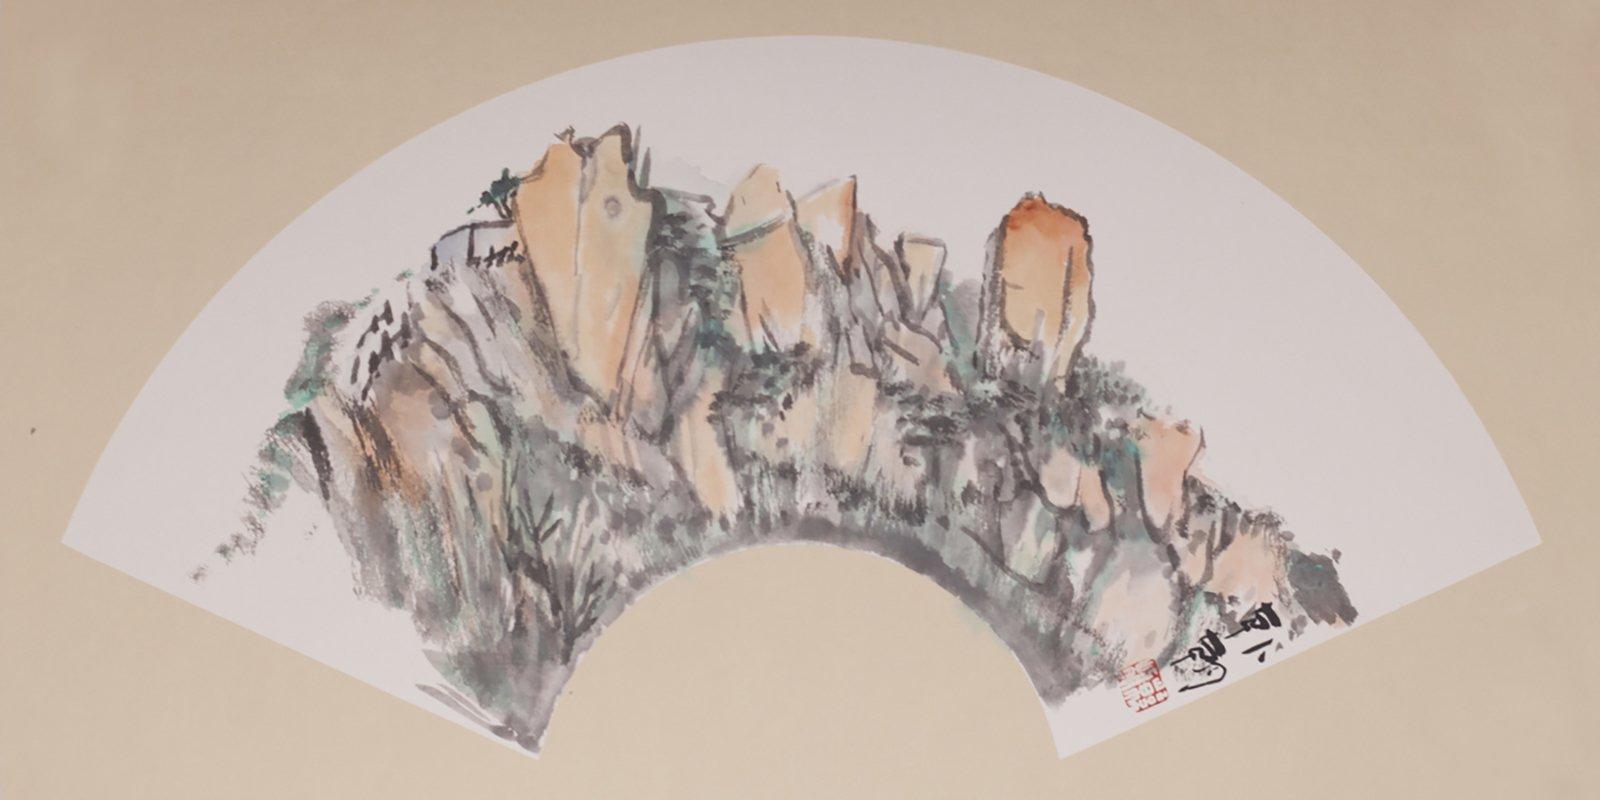 Фото: Государственный музей Востока. Хань Чао. Три вида горы Сишань. Бумага на картоне, тушь, краски